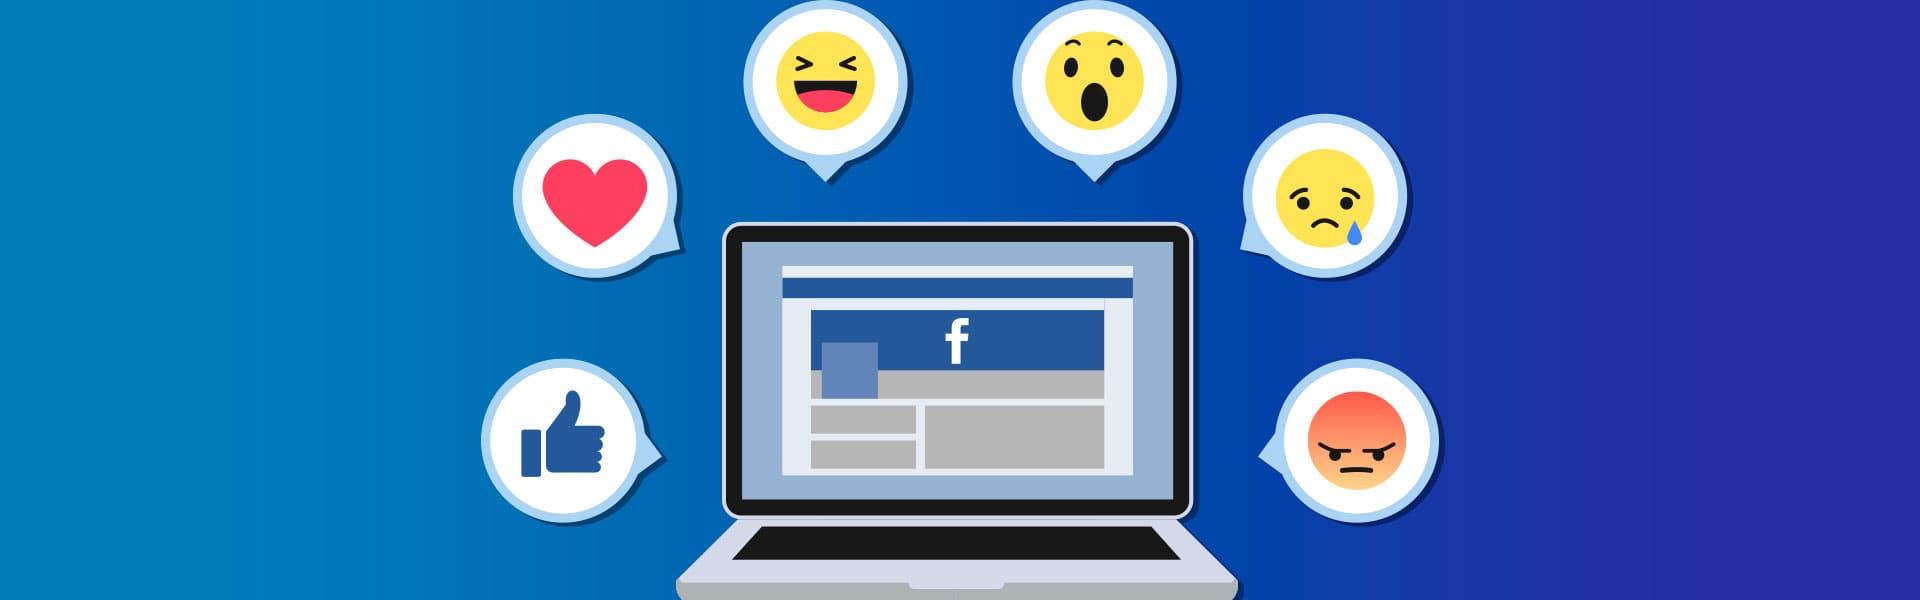 Как продвигаться в Facebook - инструкция